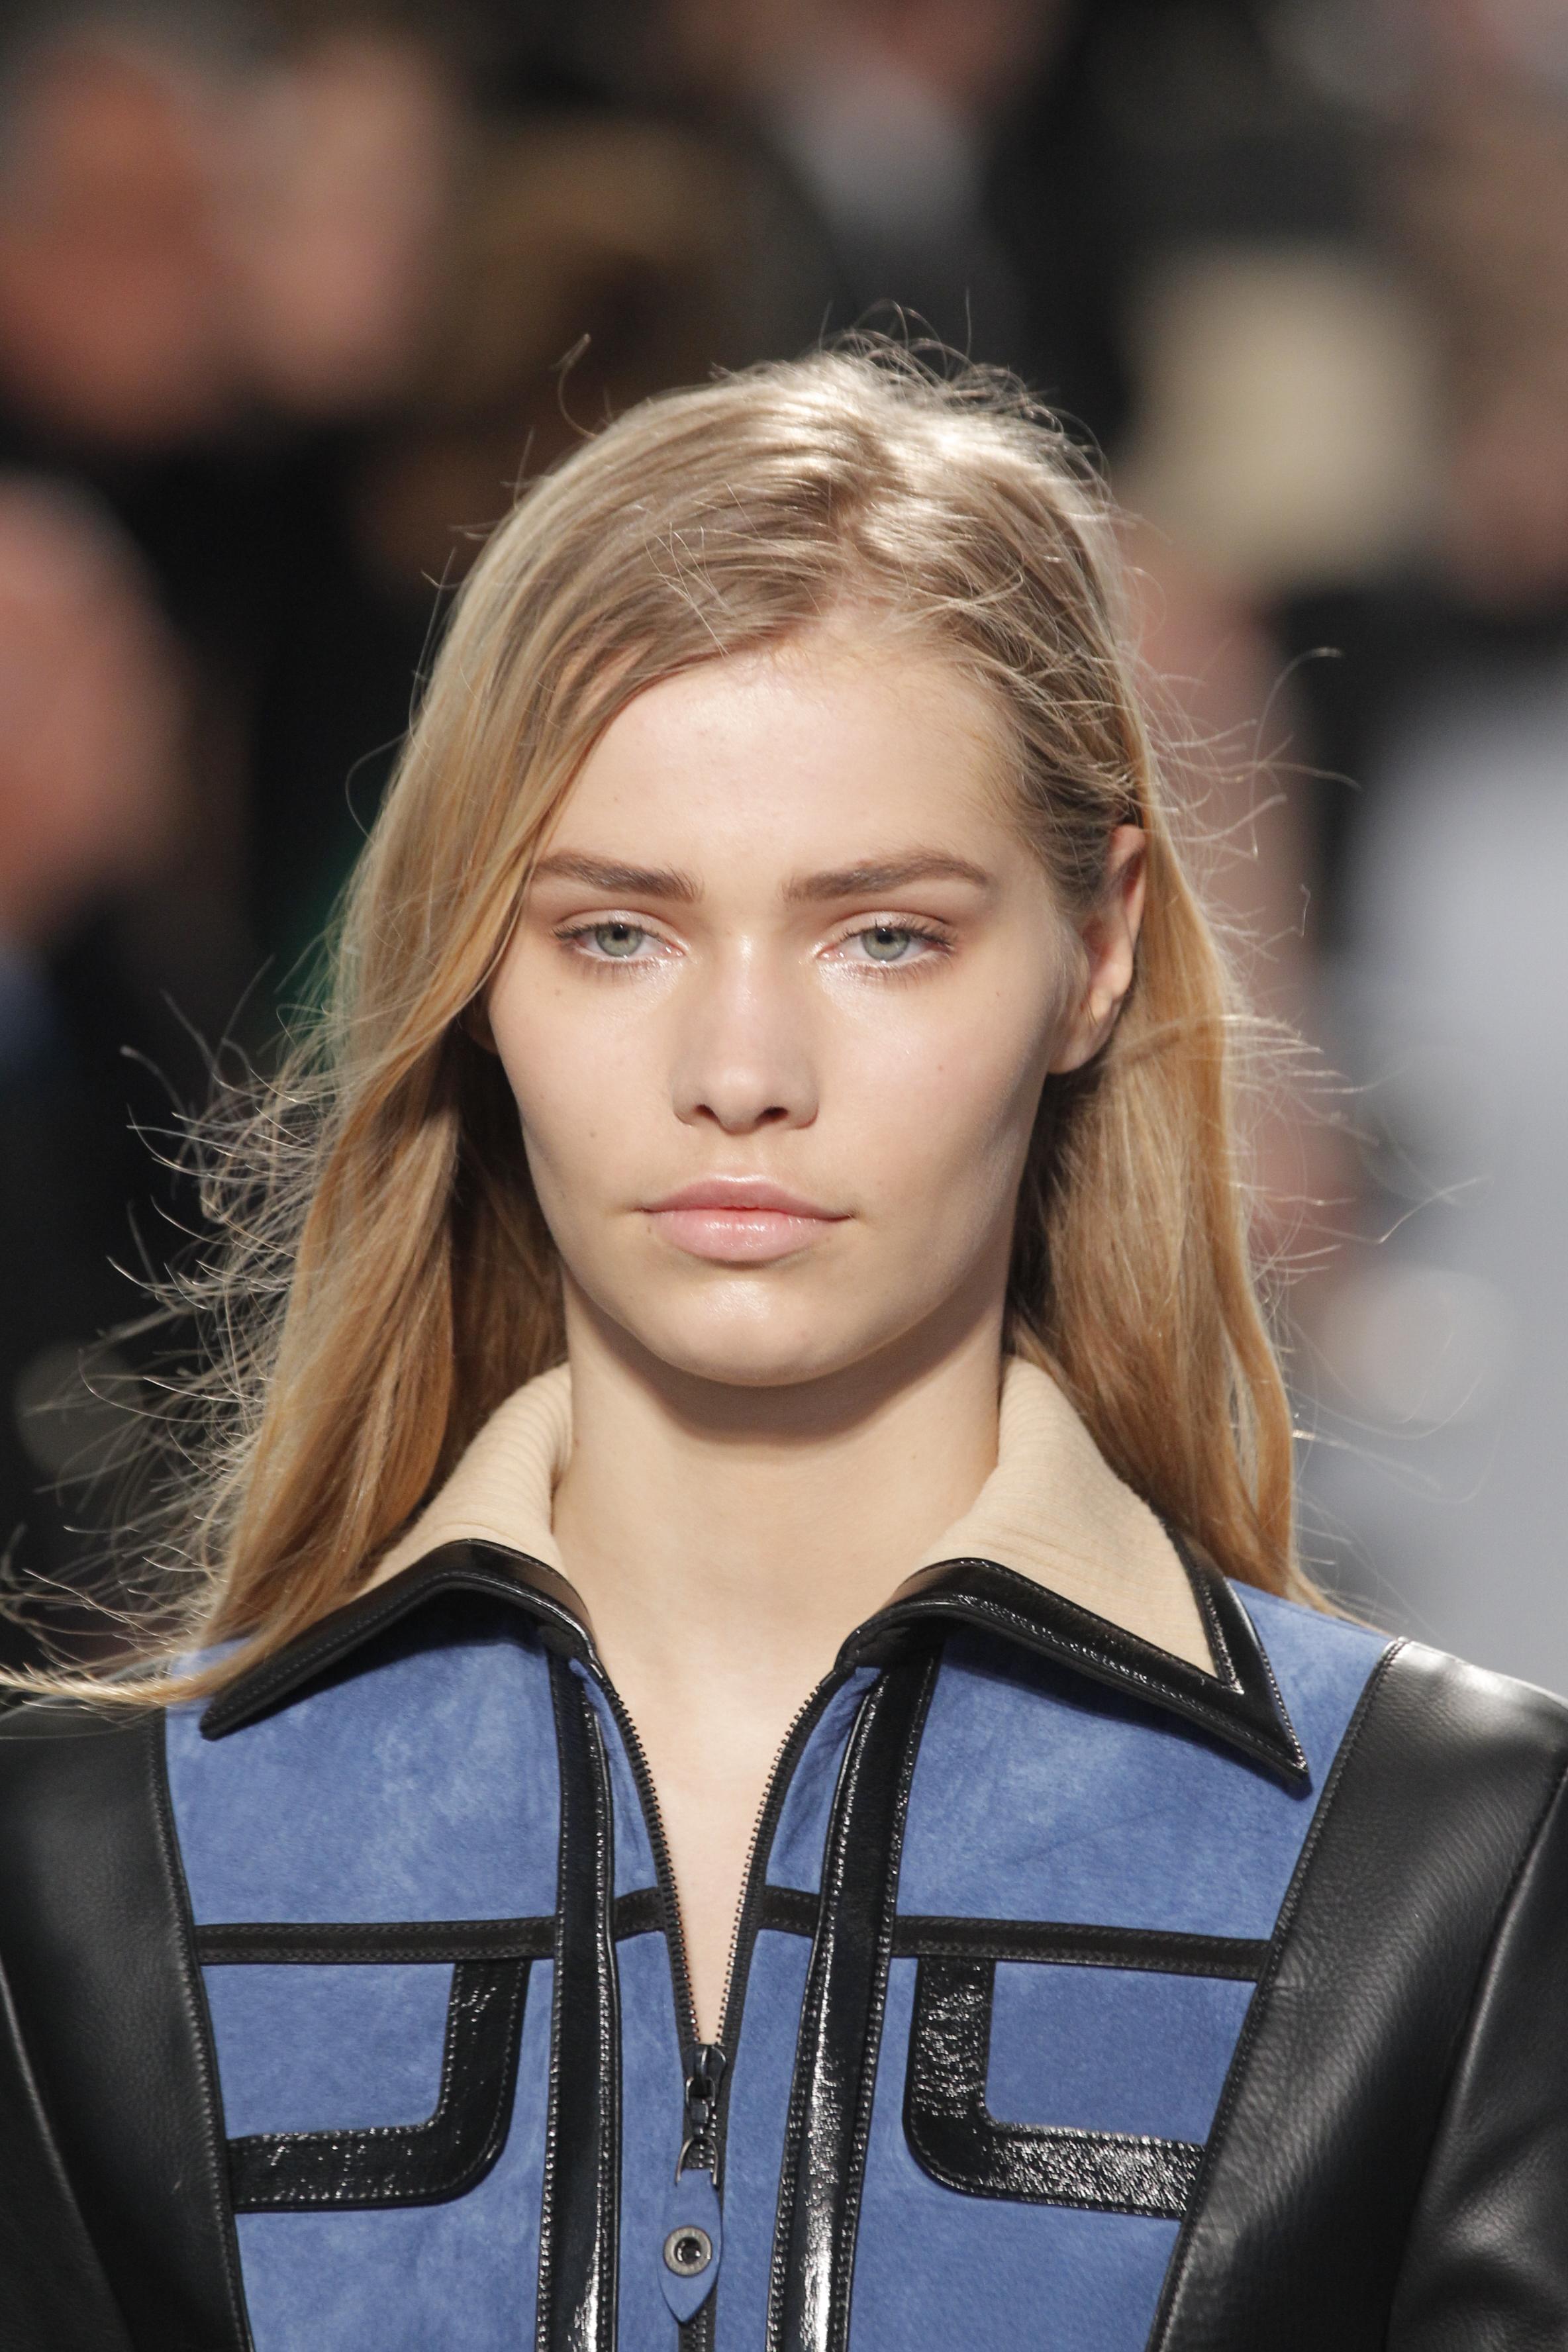 Paris Fashion Week - Louis Vuitton runway